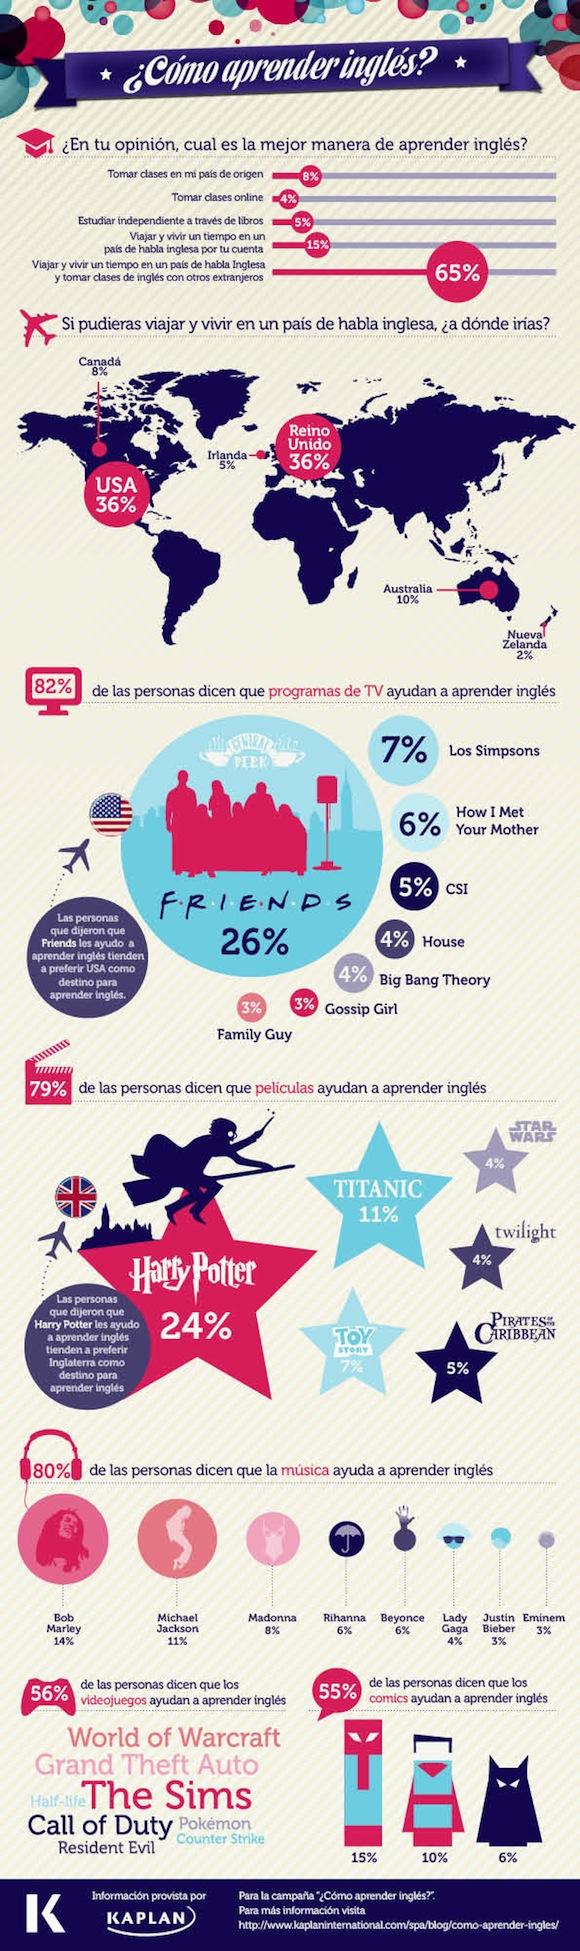 Infografía: ¿Cómo aprender ingles?